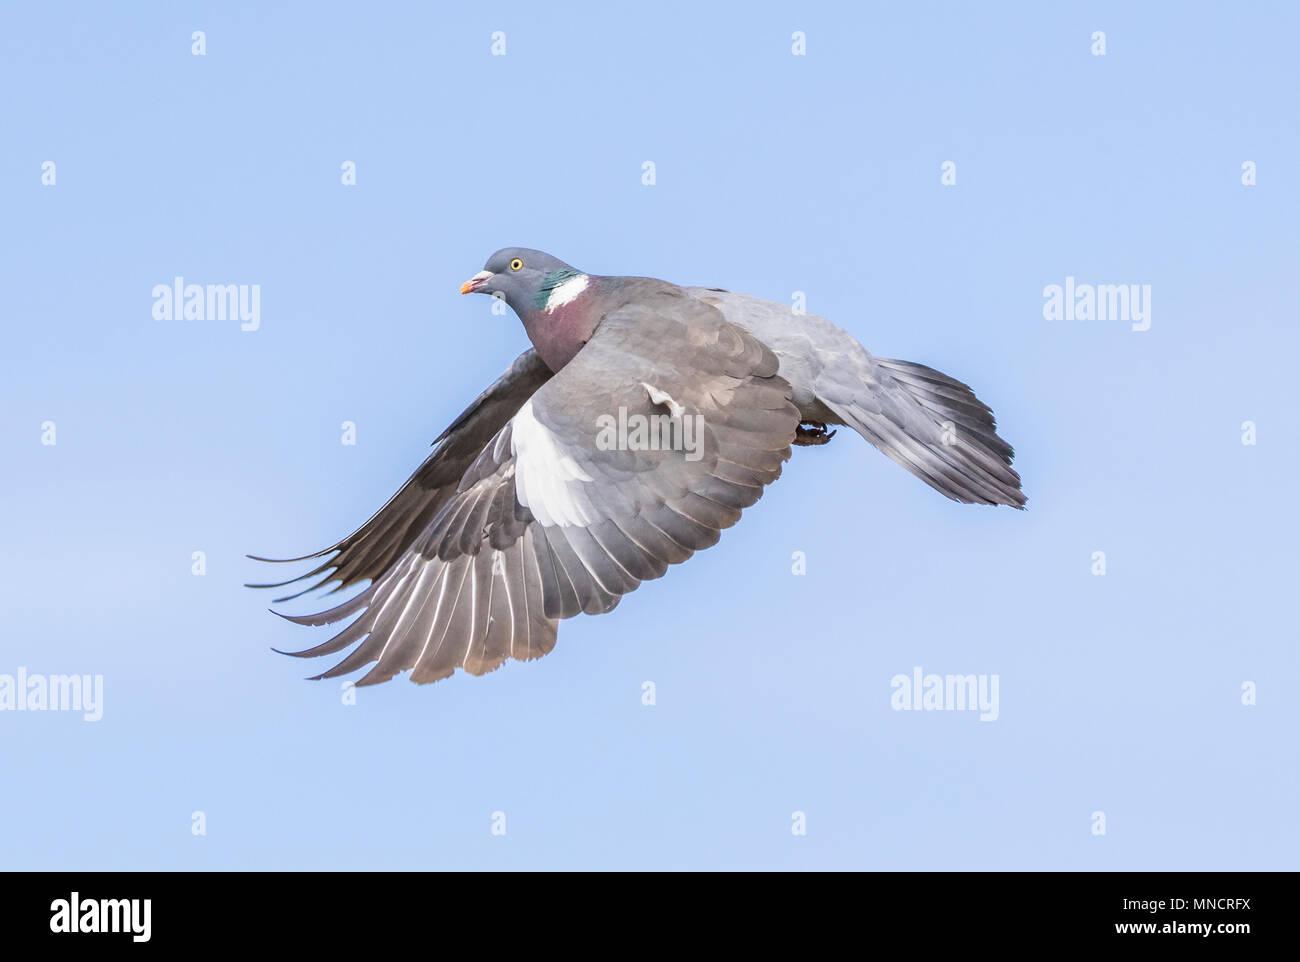 Il Colombaccio ( Columba palumbus) con le alette verso il basso e fuori, volare nel cielo contro il cielo blu nel Regno Unito. Immagini Stock